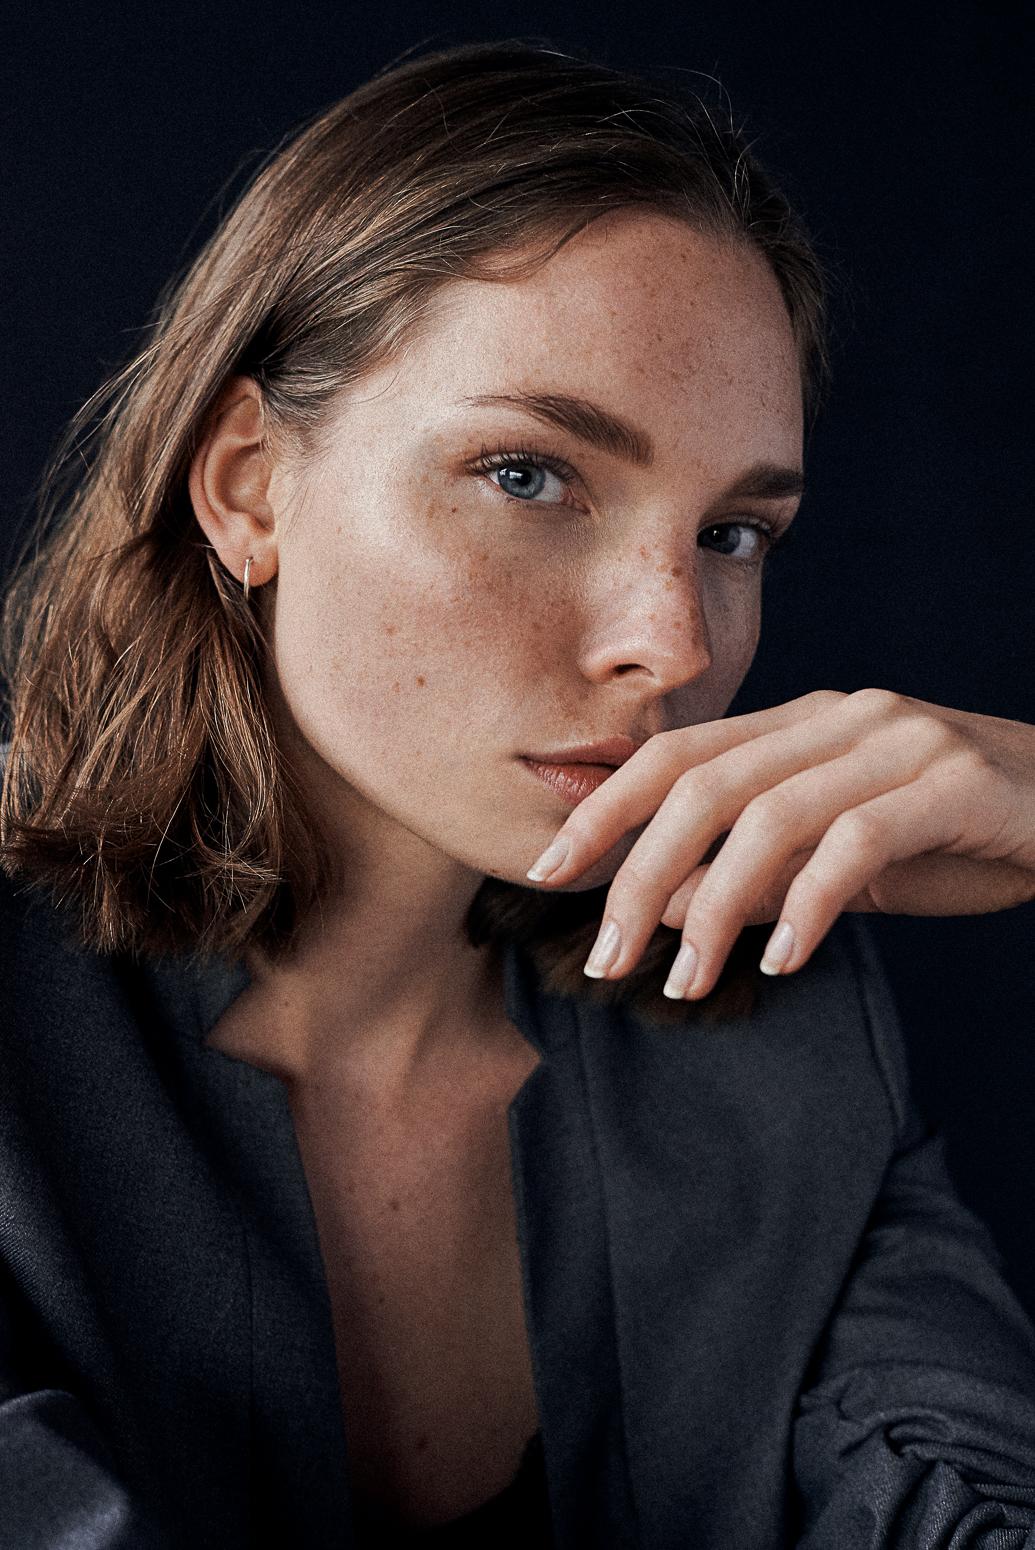 20190511_Mareike-Löckmann_Lukas-Klein6.jpg